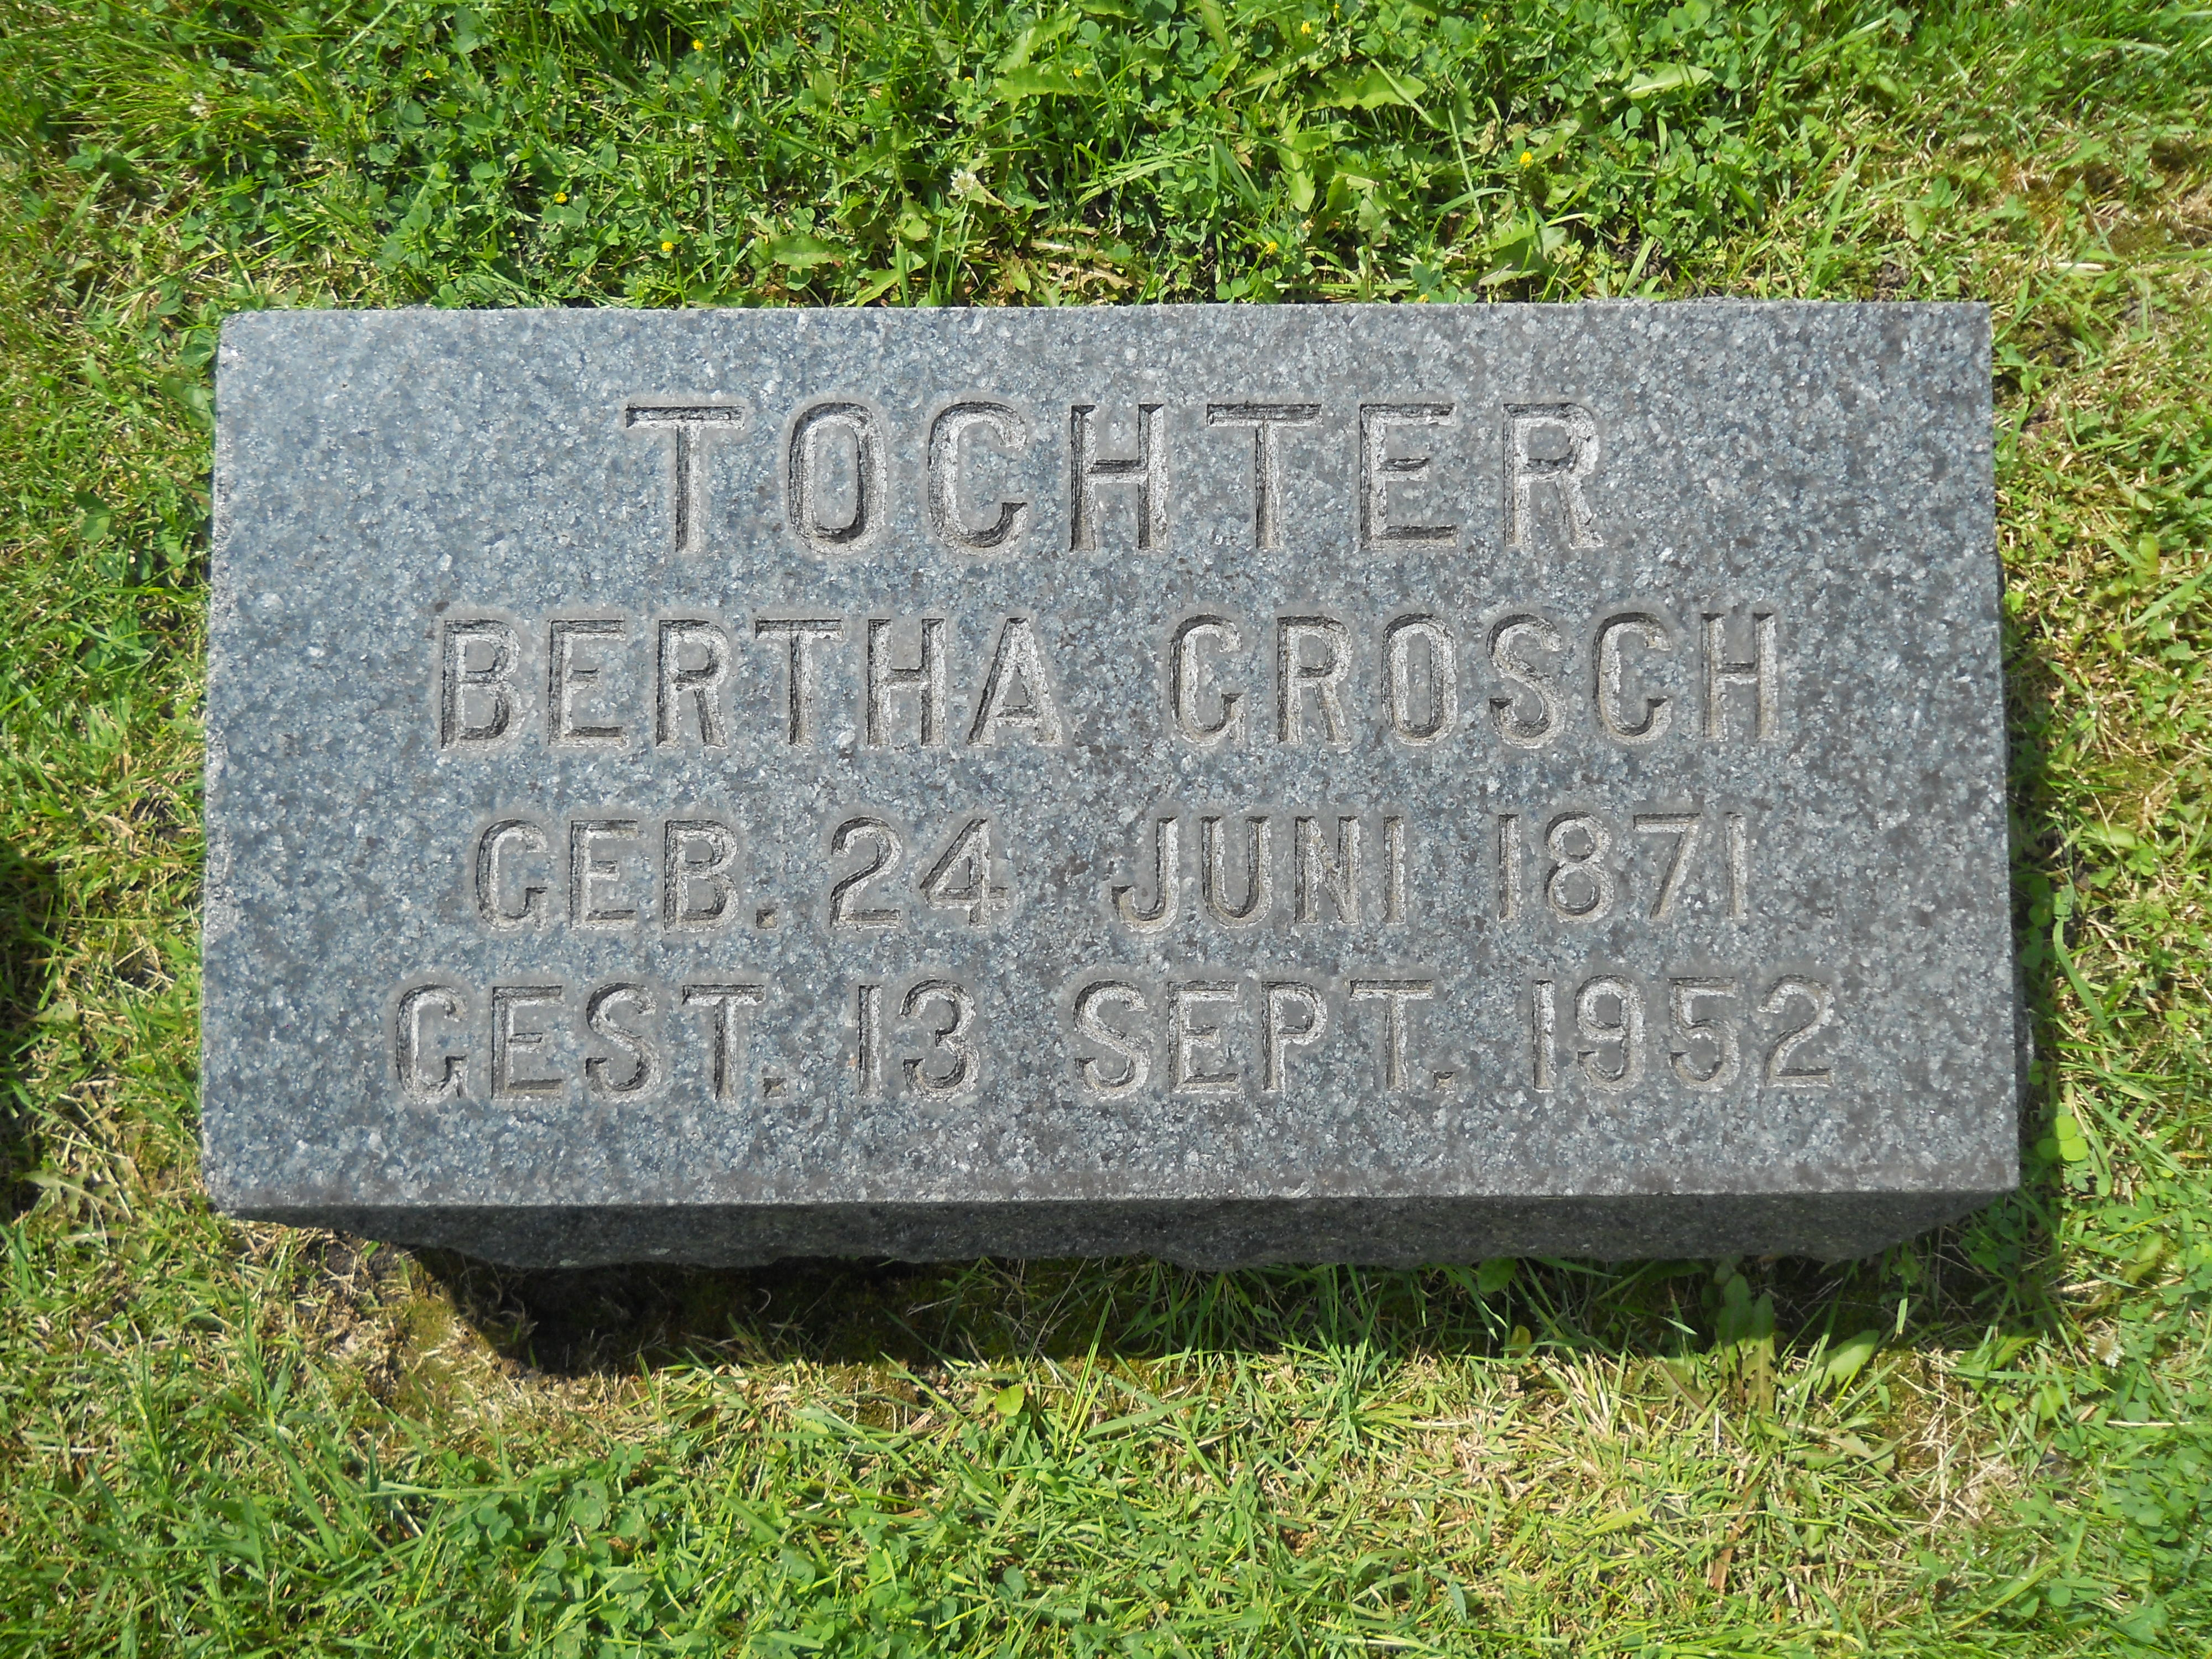 Bertha Hanna Grosch